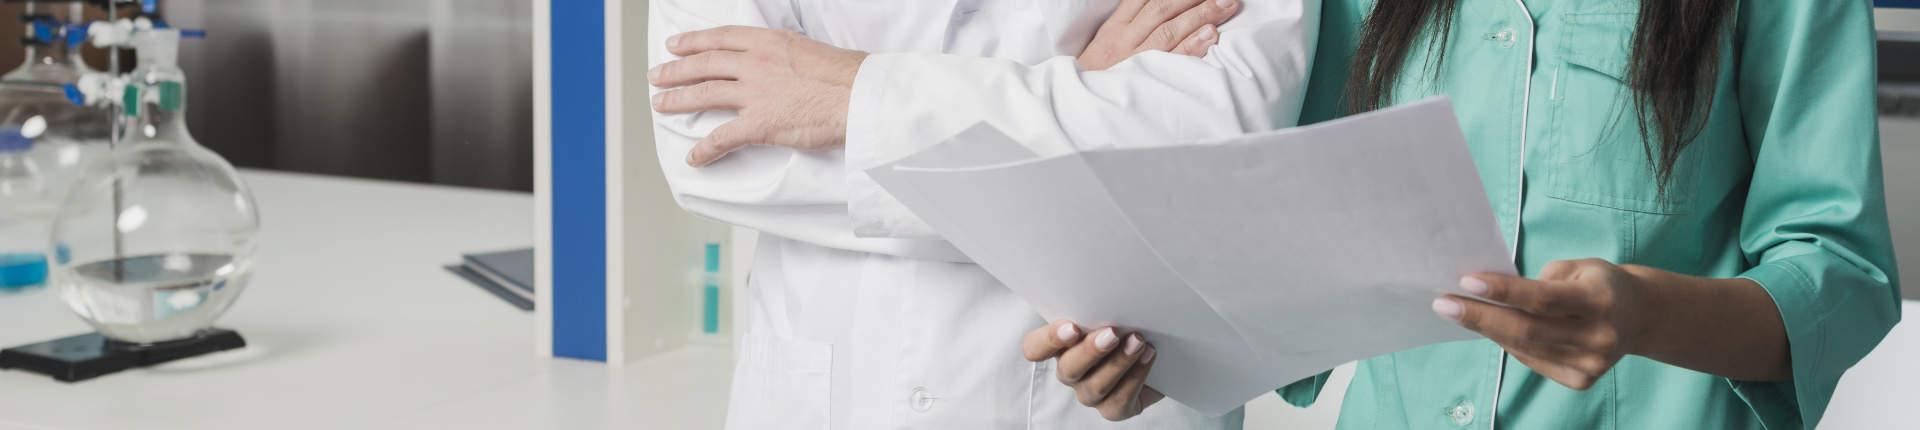 Сеть клиник физиотерапии и реабилитации Роматем